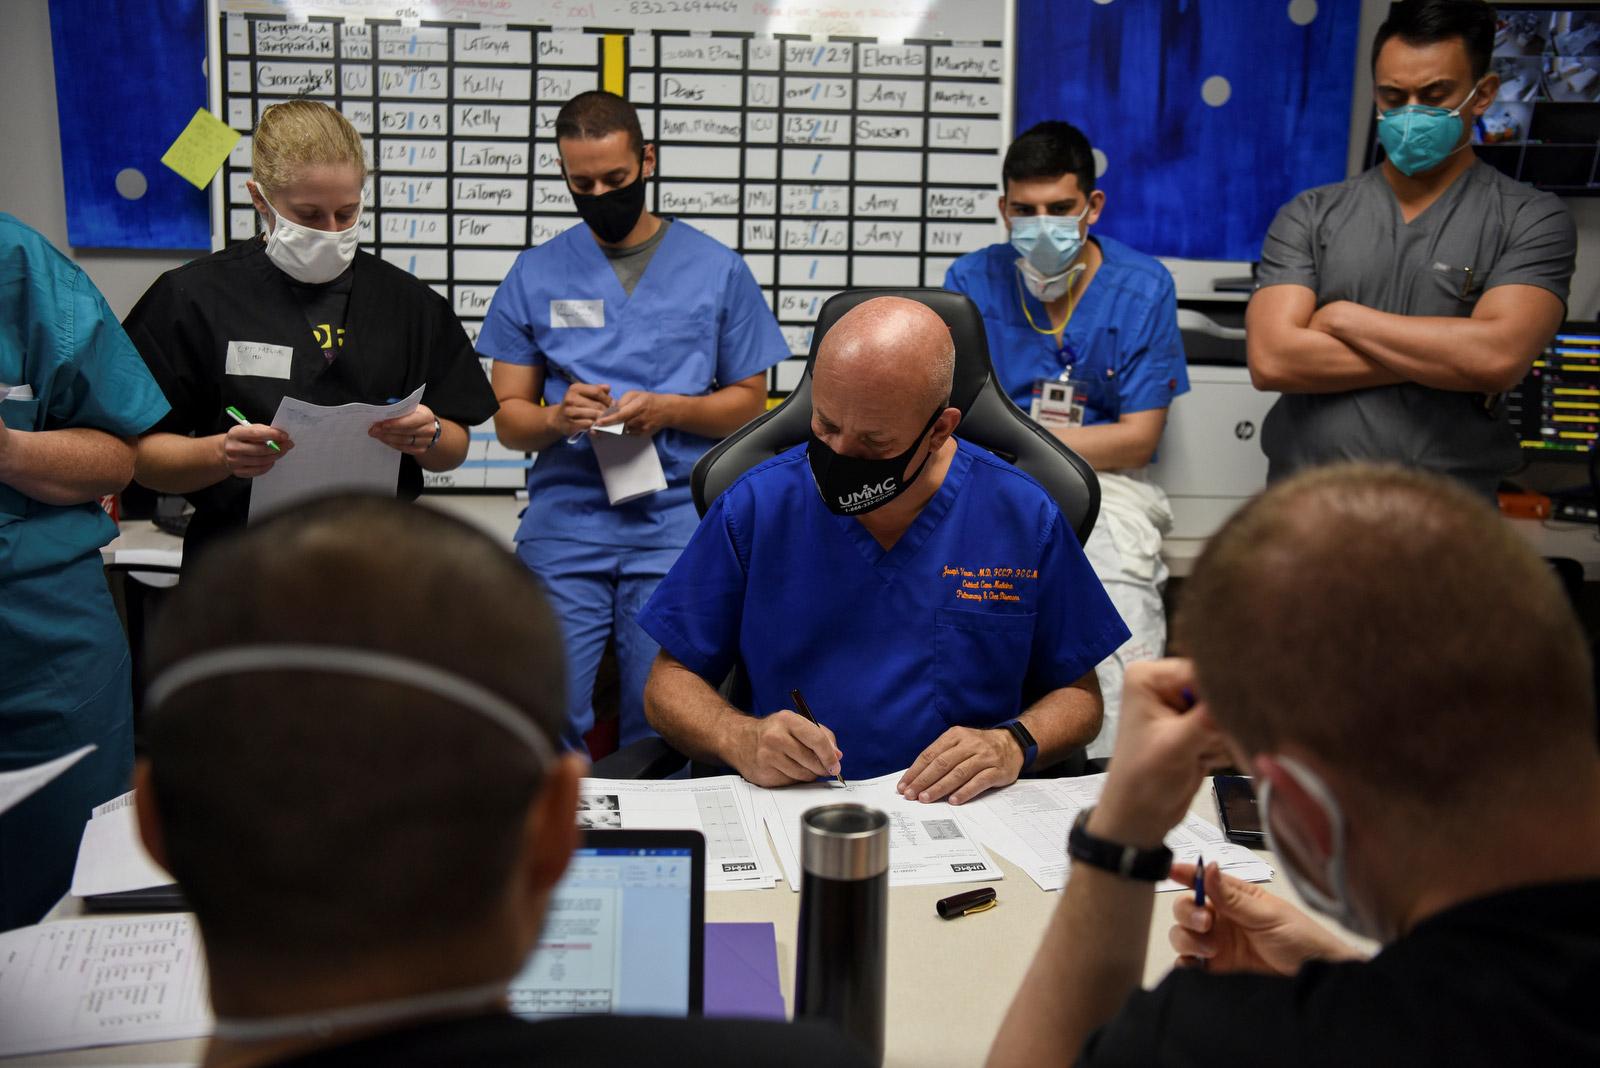 Varon und sein Team gehen während eines täglichen Meetings die Patientenakten durch.